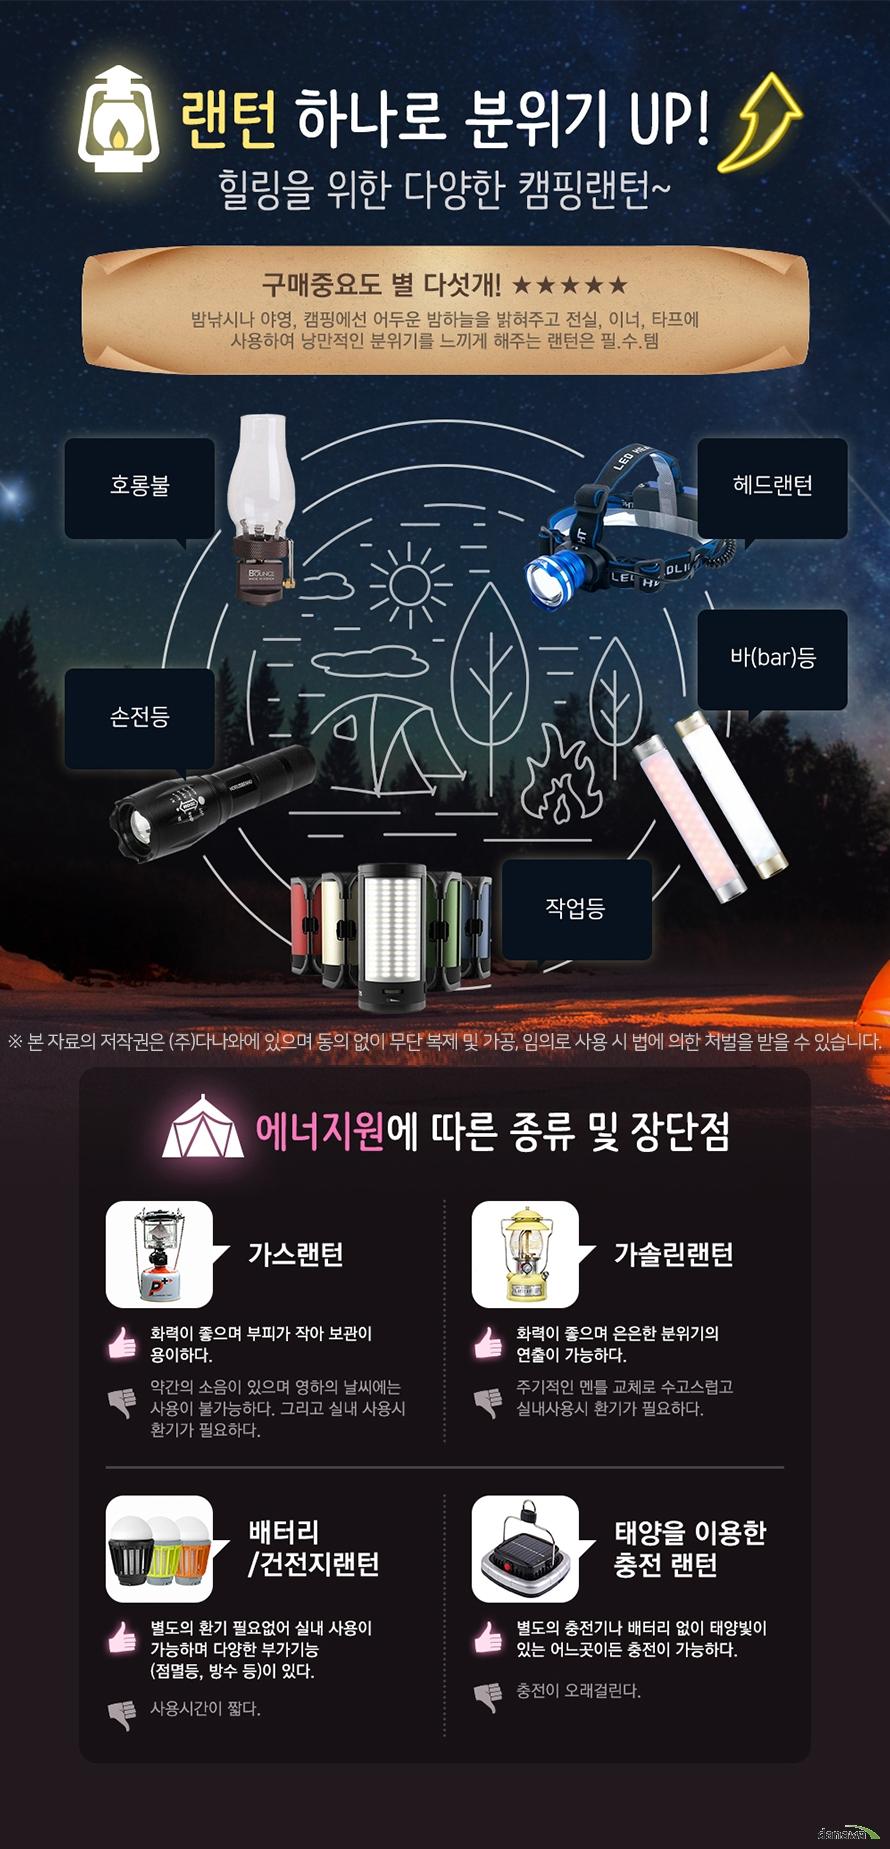 BOUNCE 리틀램프 호롱 랜드마크에디션 서울